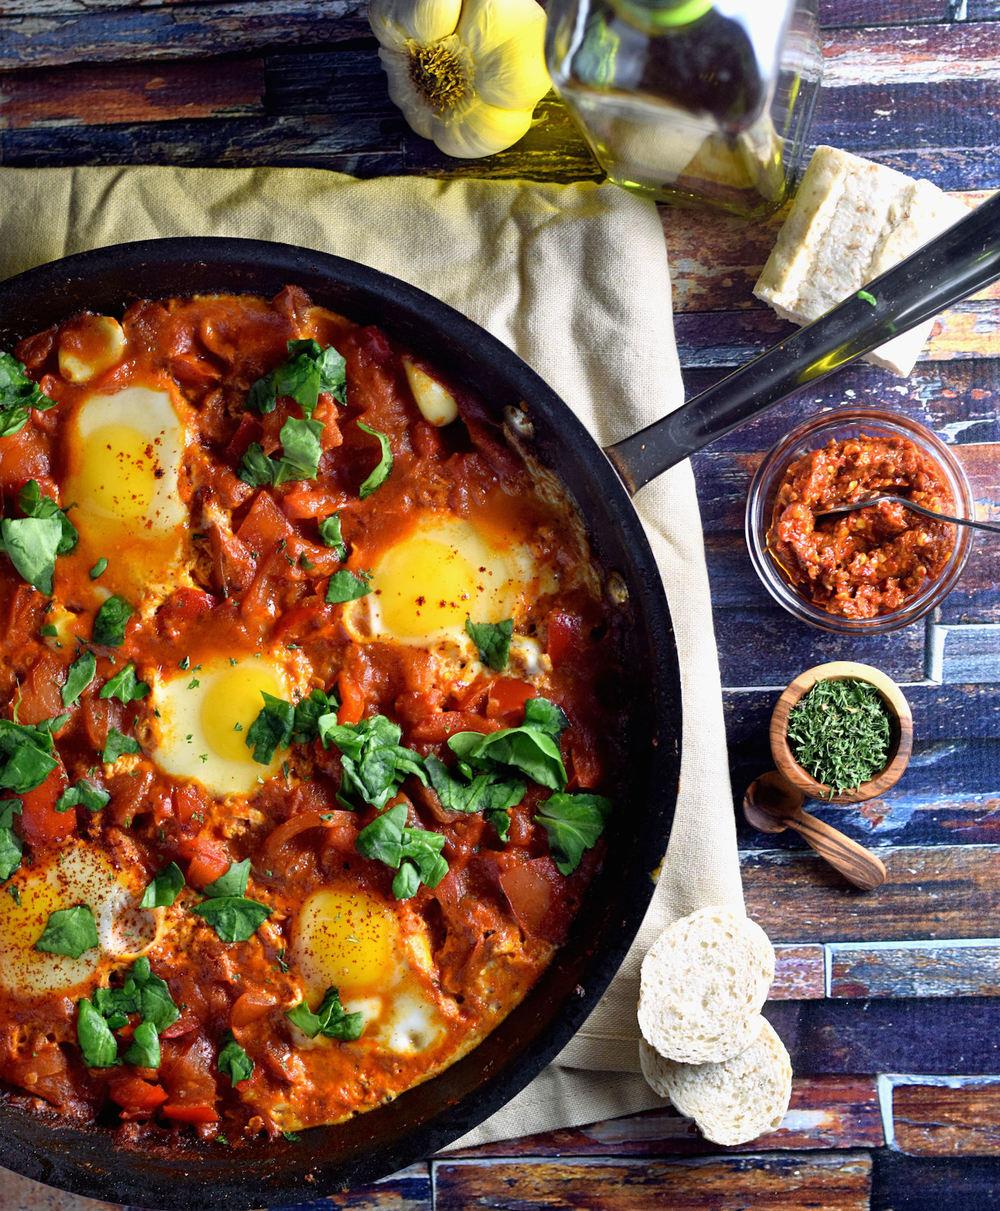 eggs in sauce